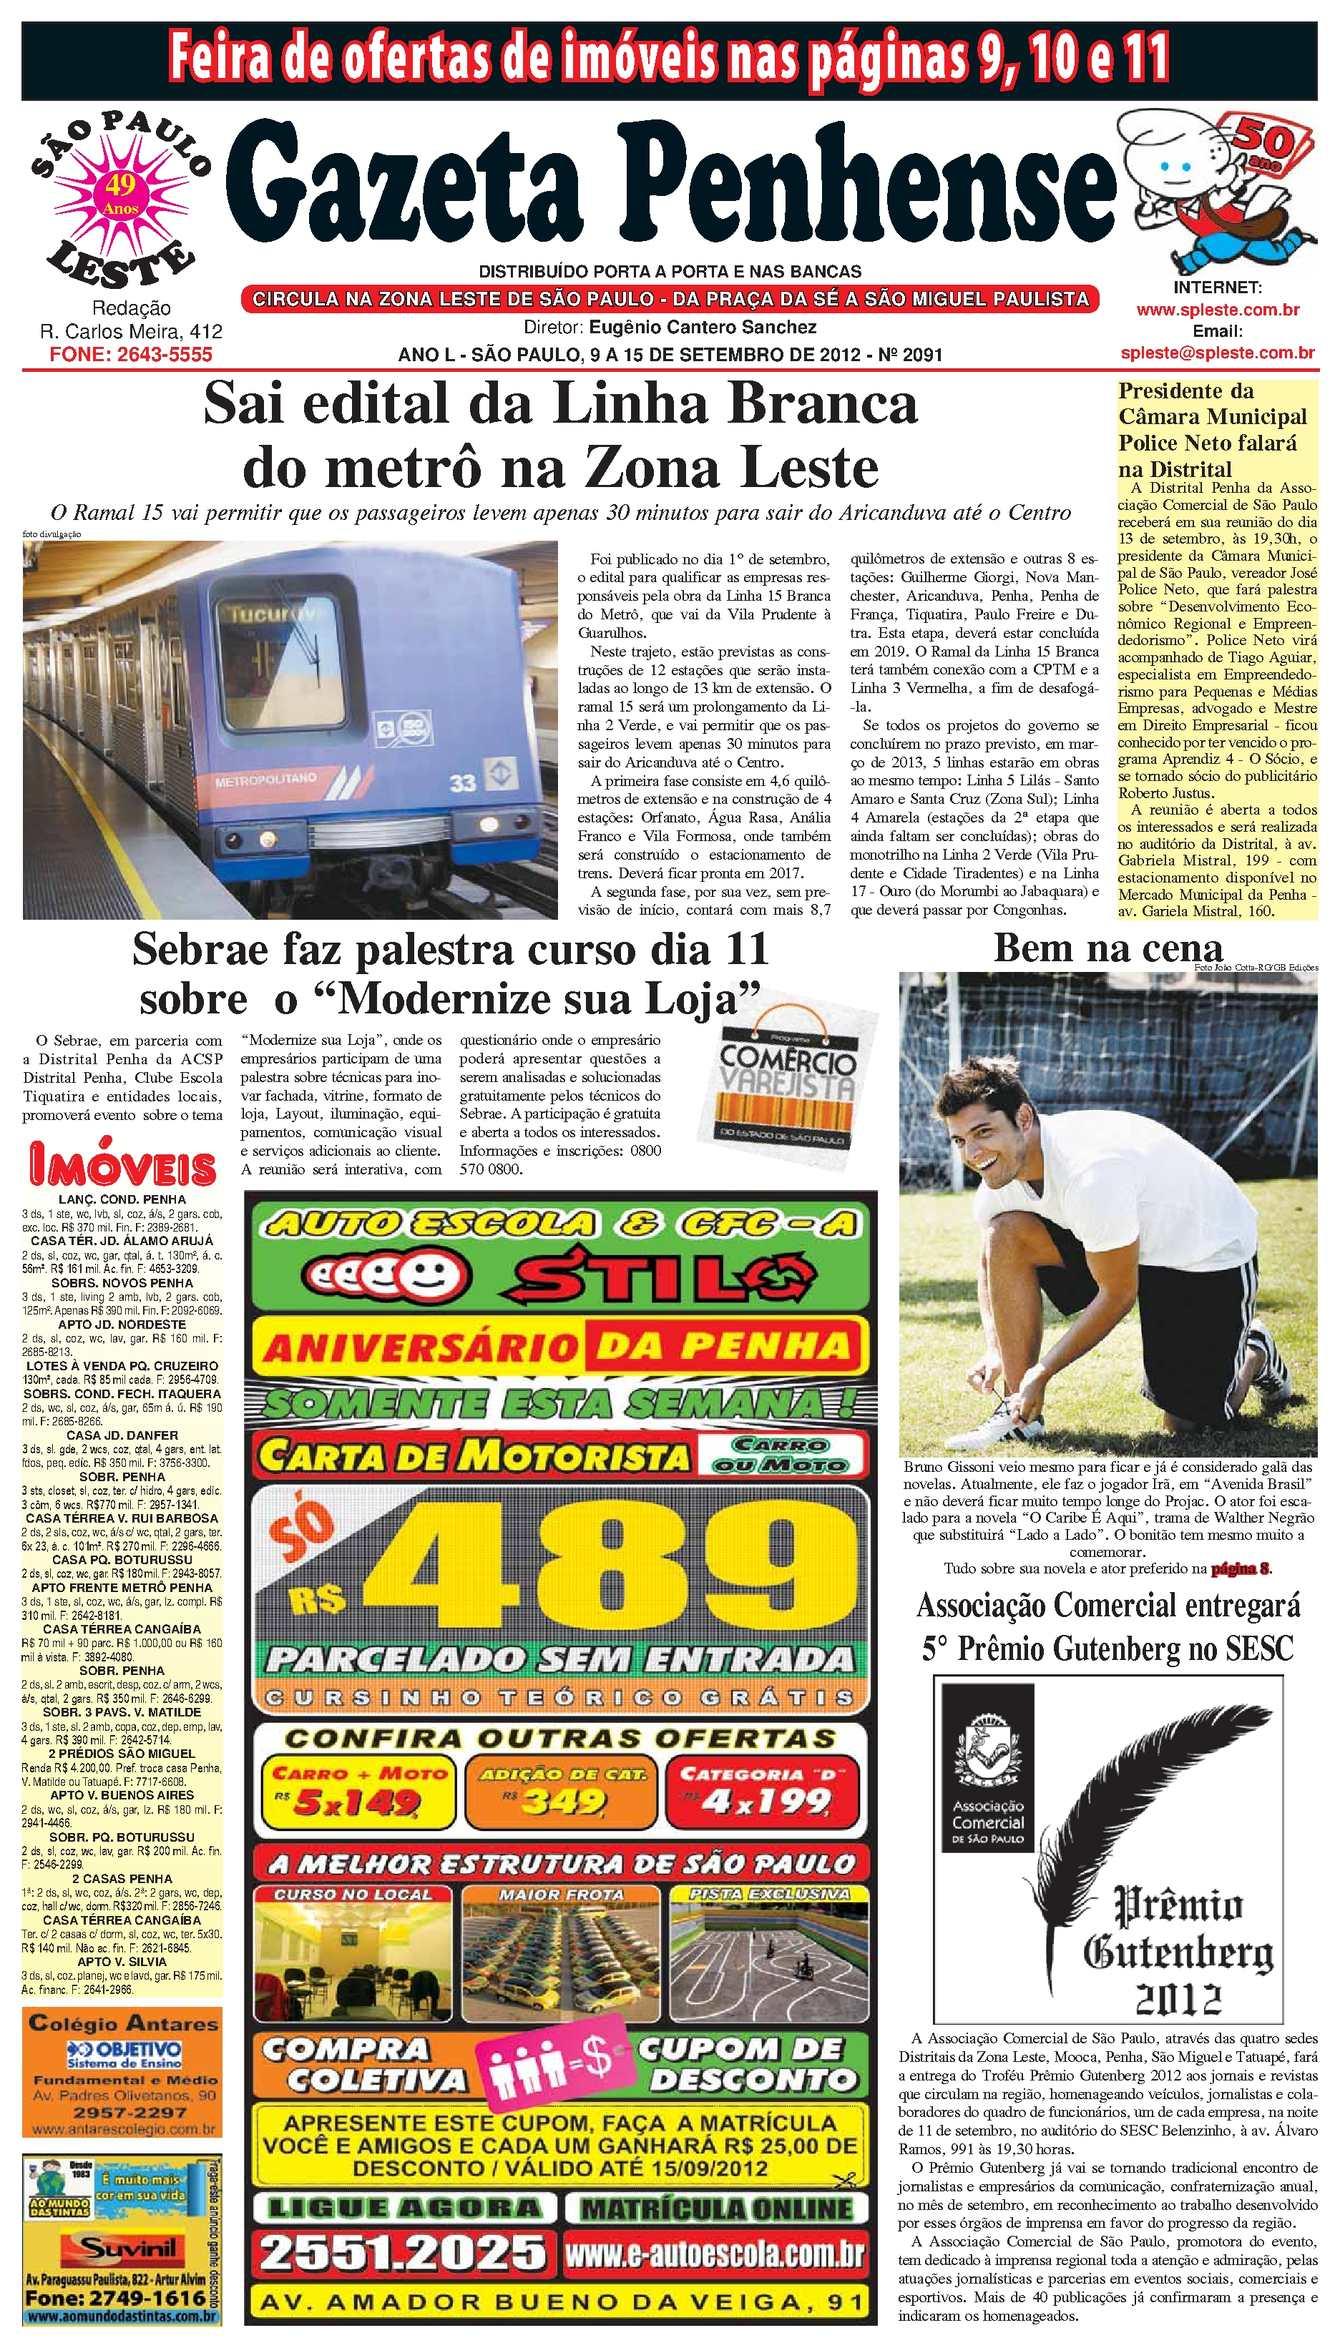 Calaméo - Gazeta Penhense 9 a 15 de setembro de 2012 - edição 2091 ad06fc192eda3